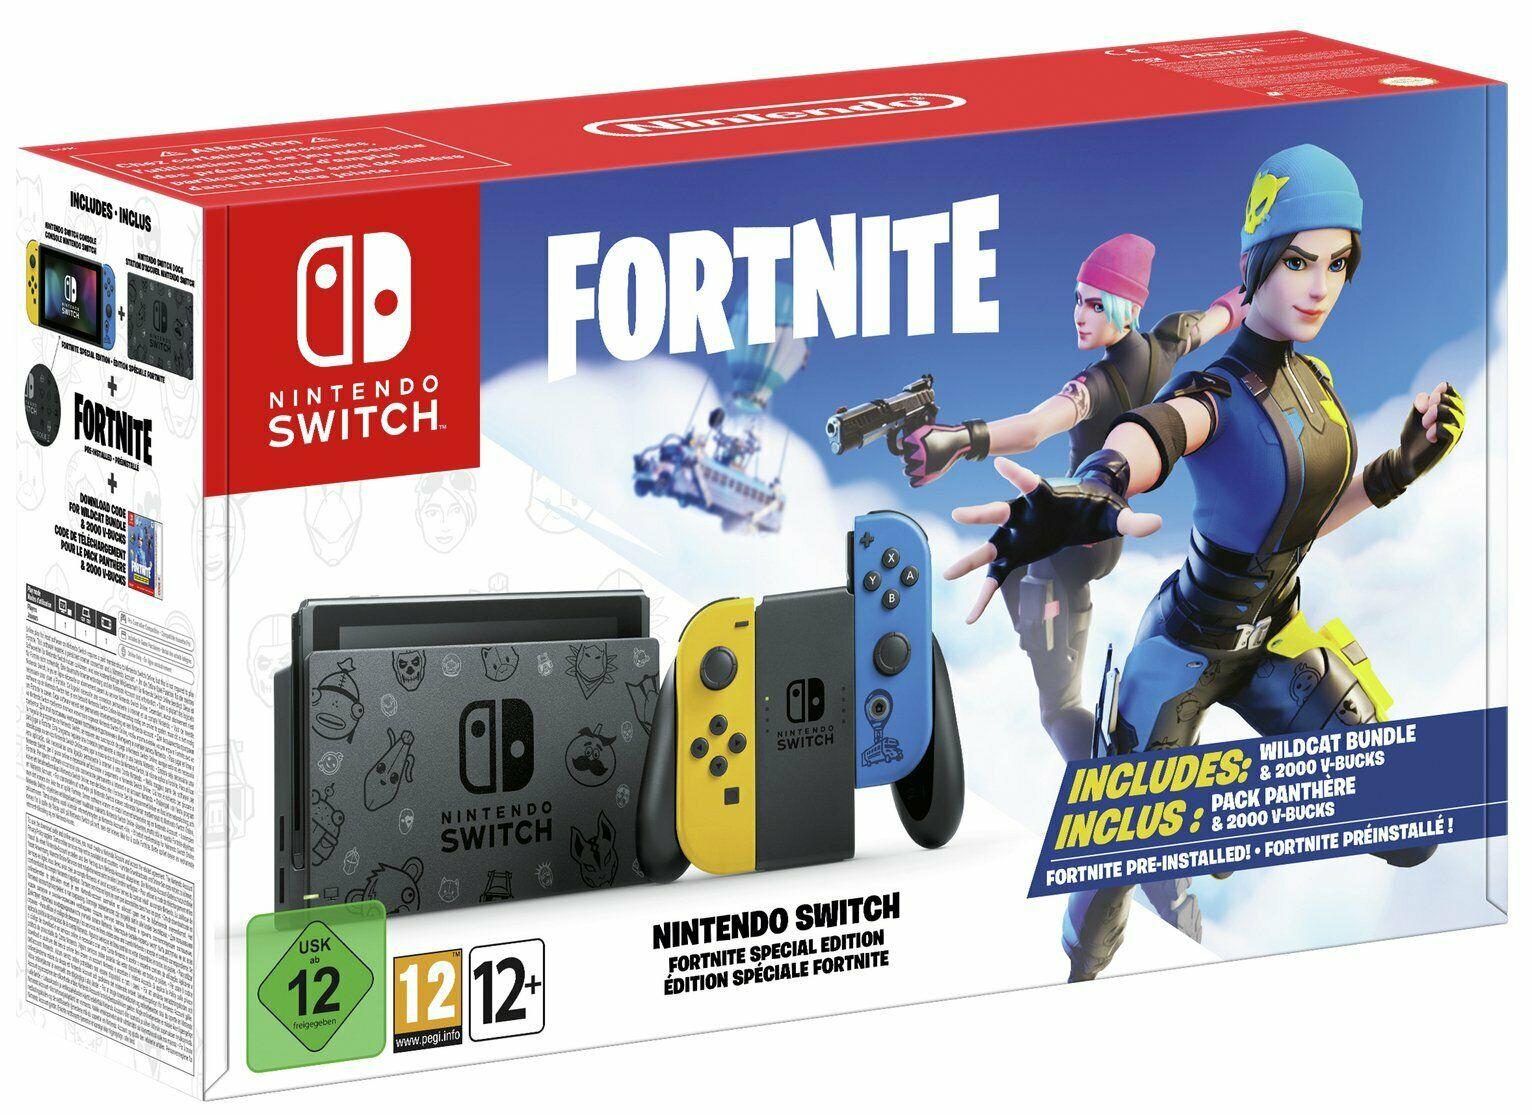 Fortnite Special Edition Nintendo Switch Bundle (refurbished) - £230.07 delivered (UK mainland) @ Argos / eBay